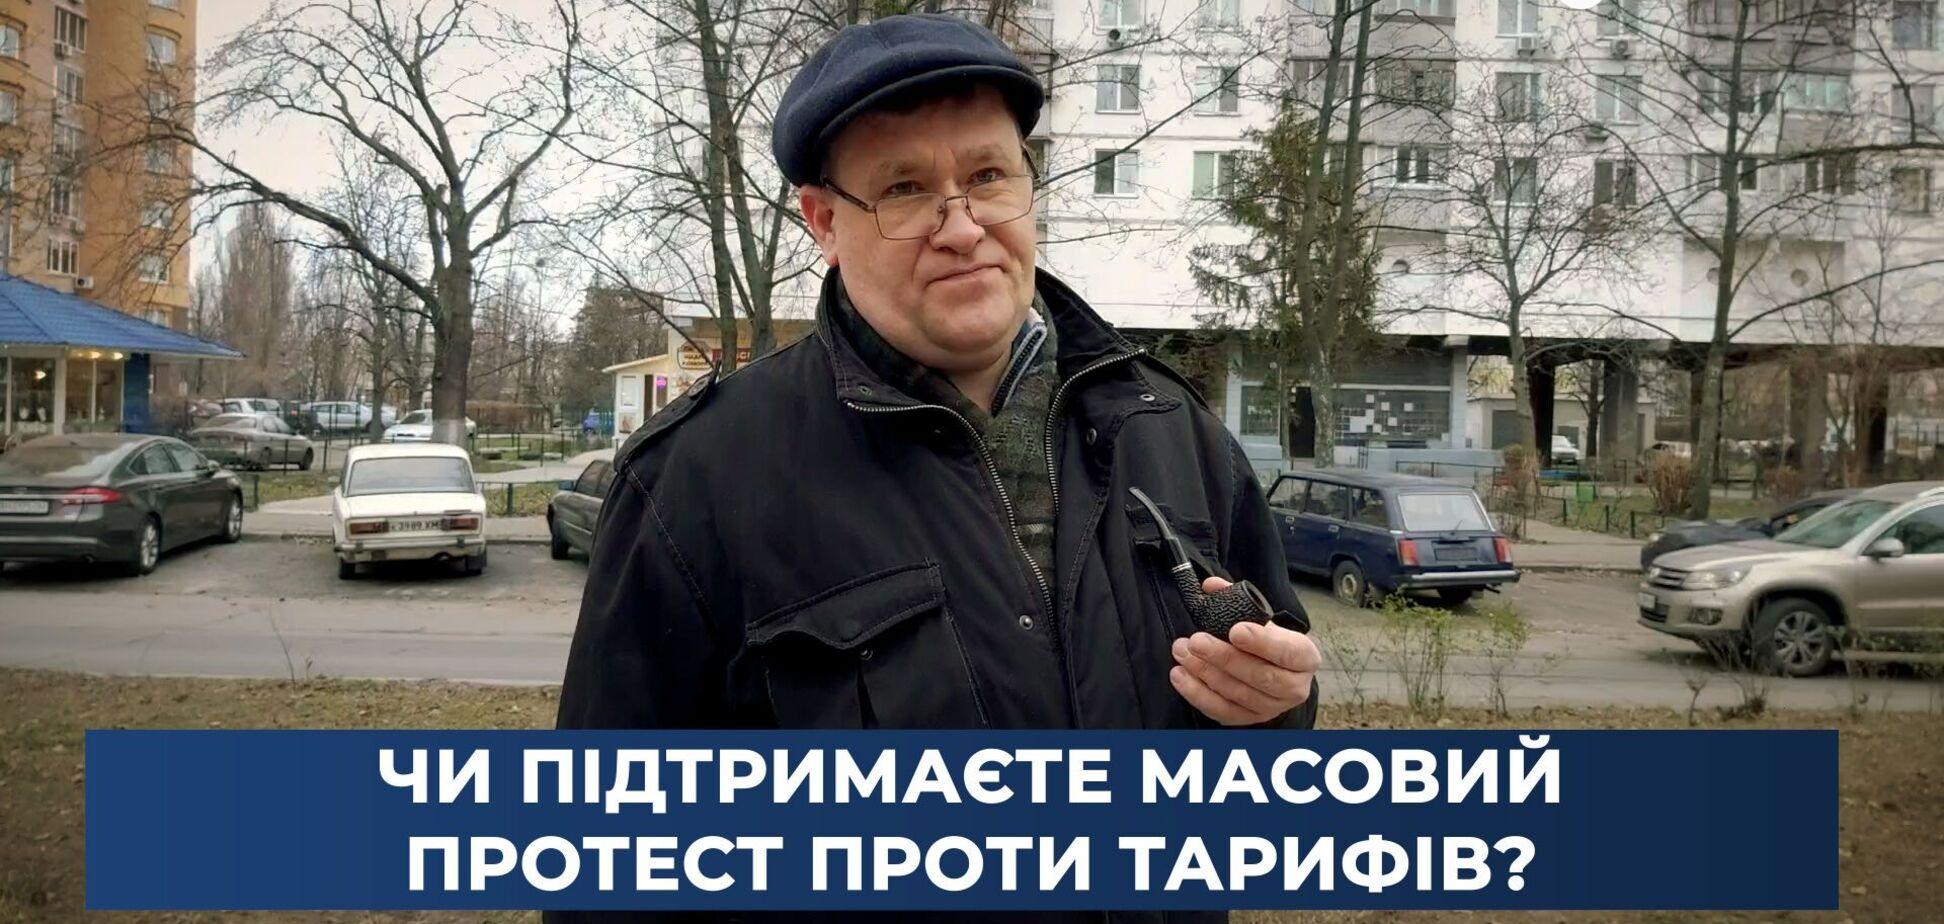 Что думают украинцы о протестах против повышения тарифов на газ?